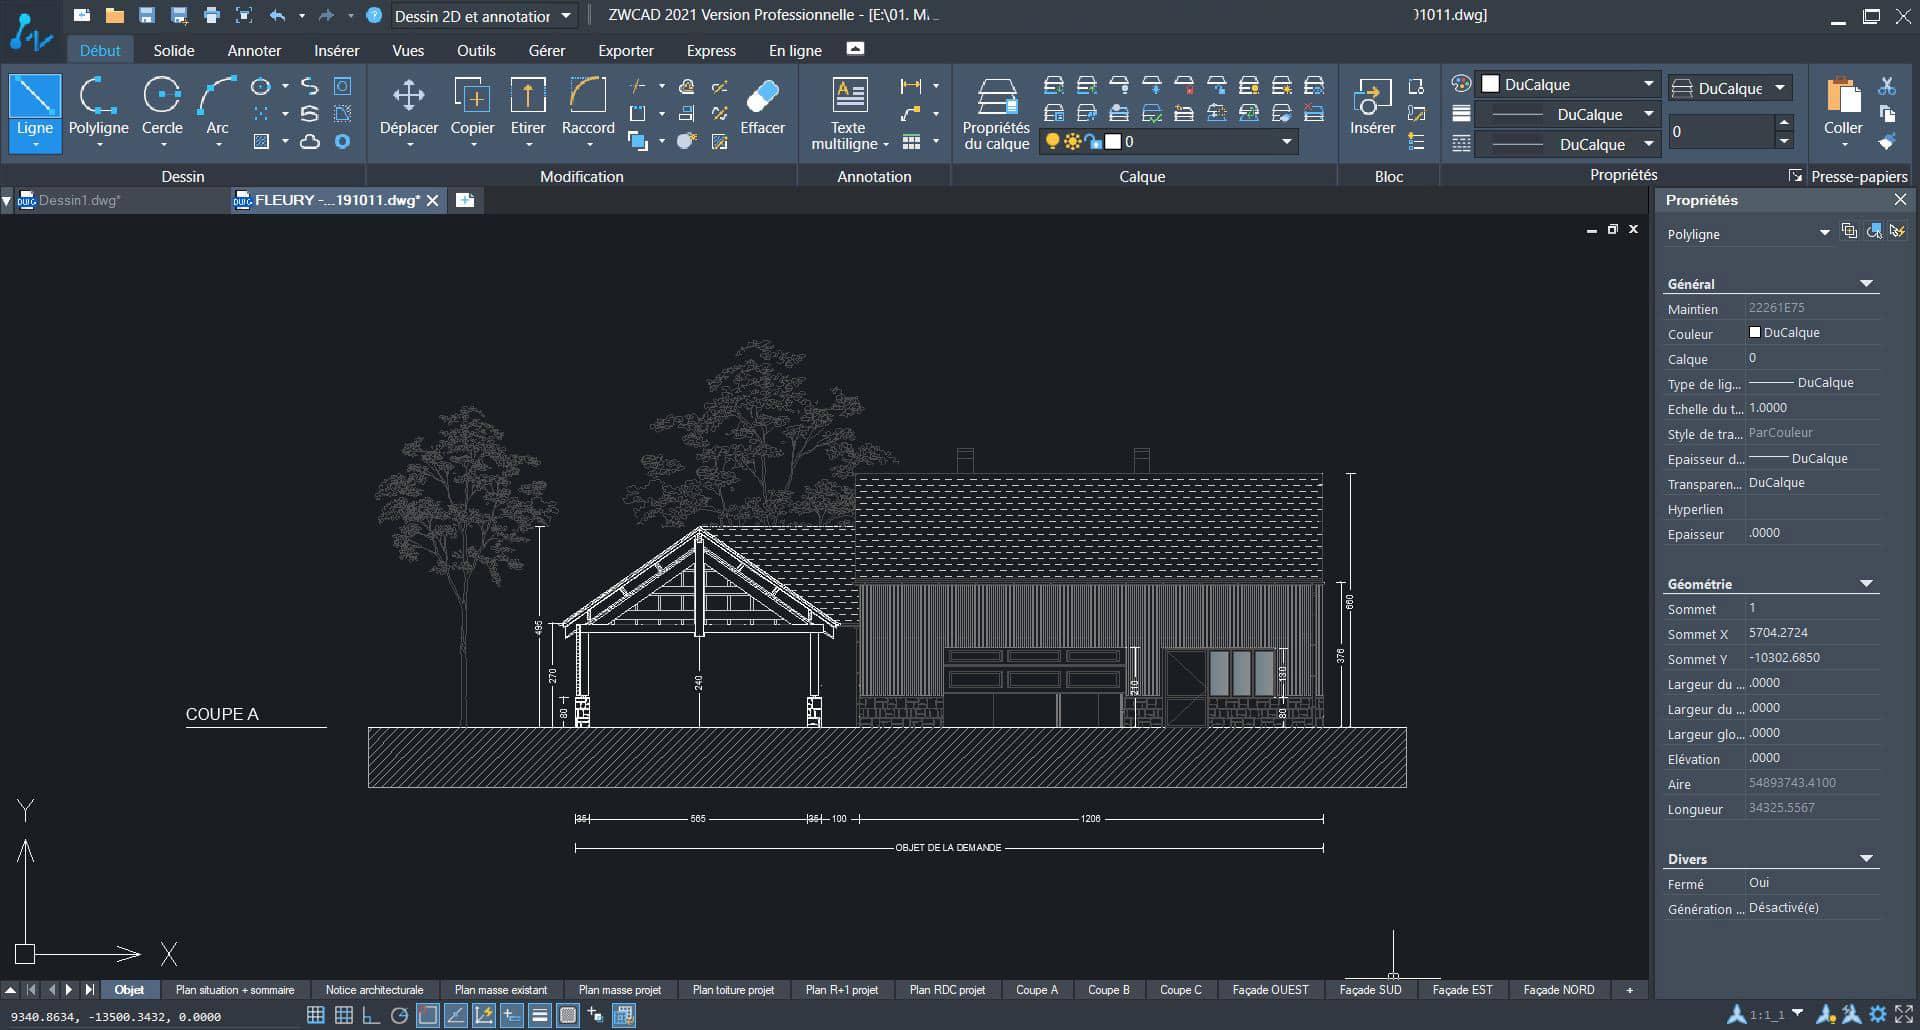 Aperçu de ZWCAD, logiciel DAO pour architectes et dessinateurs